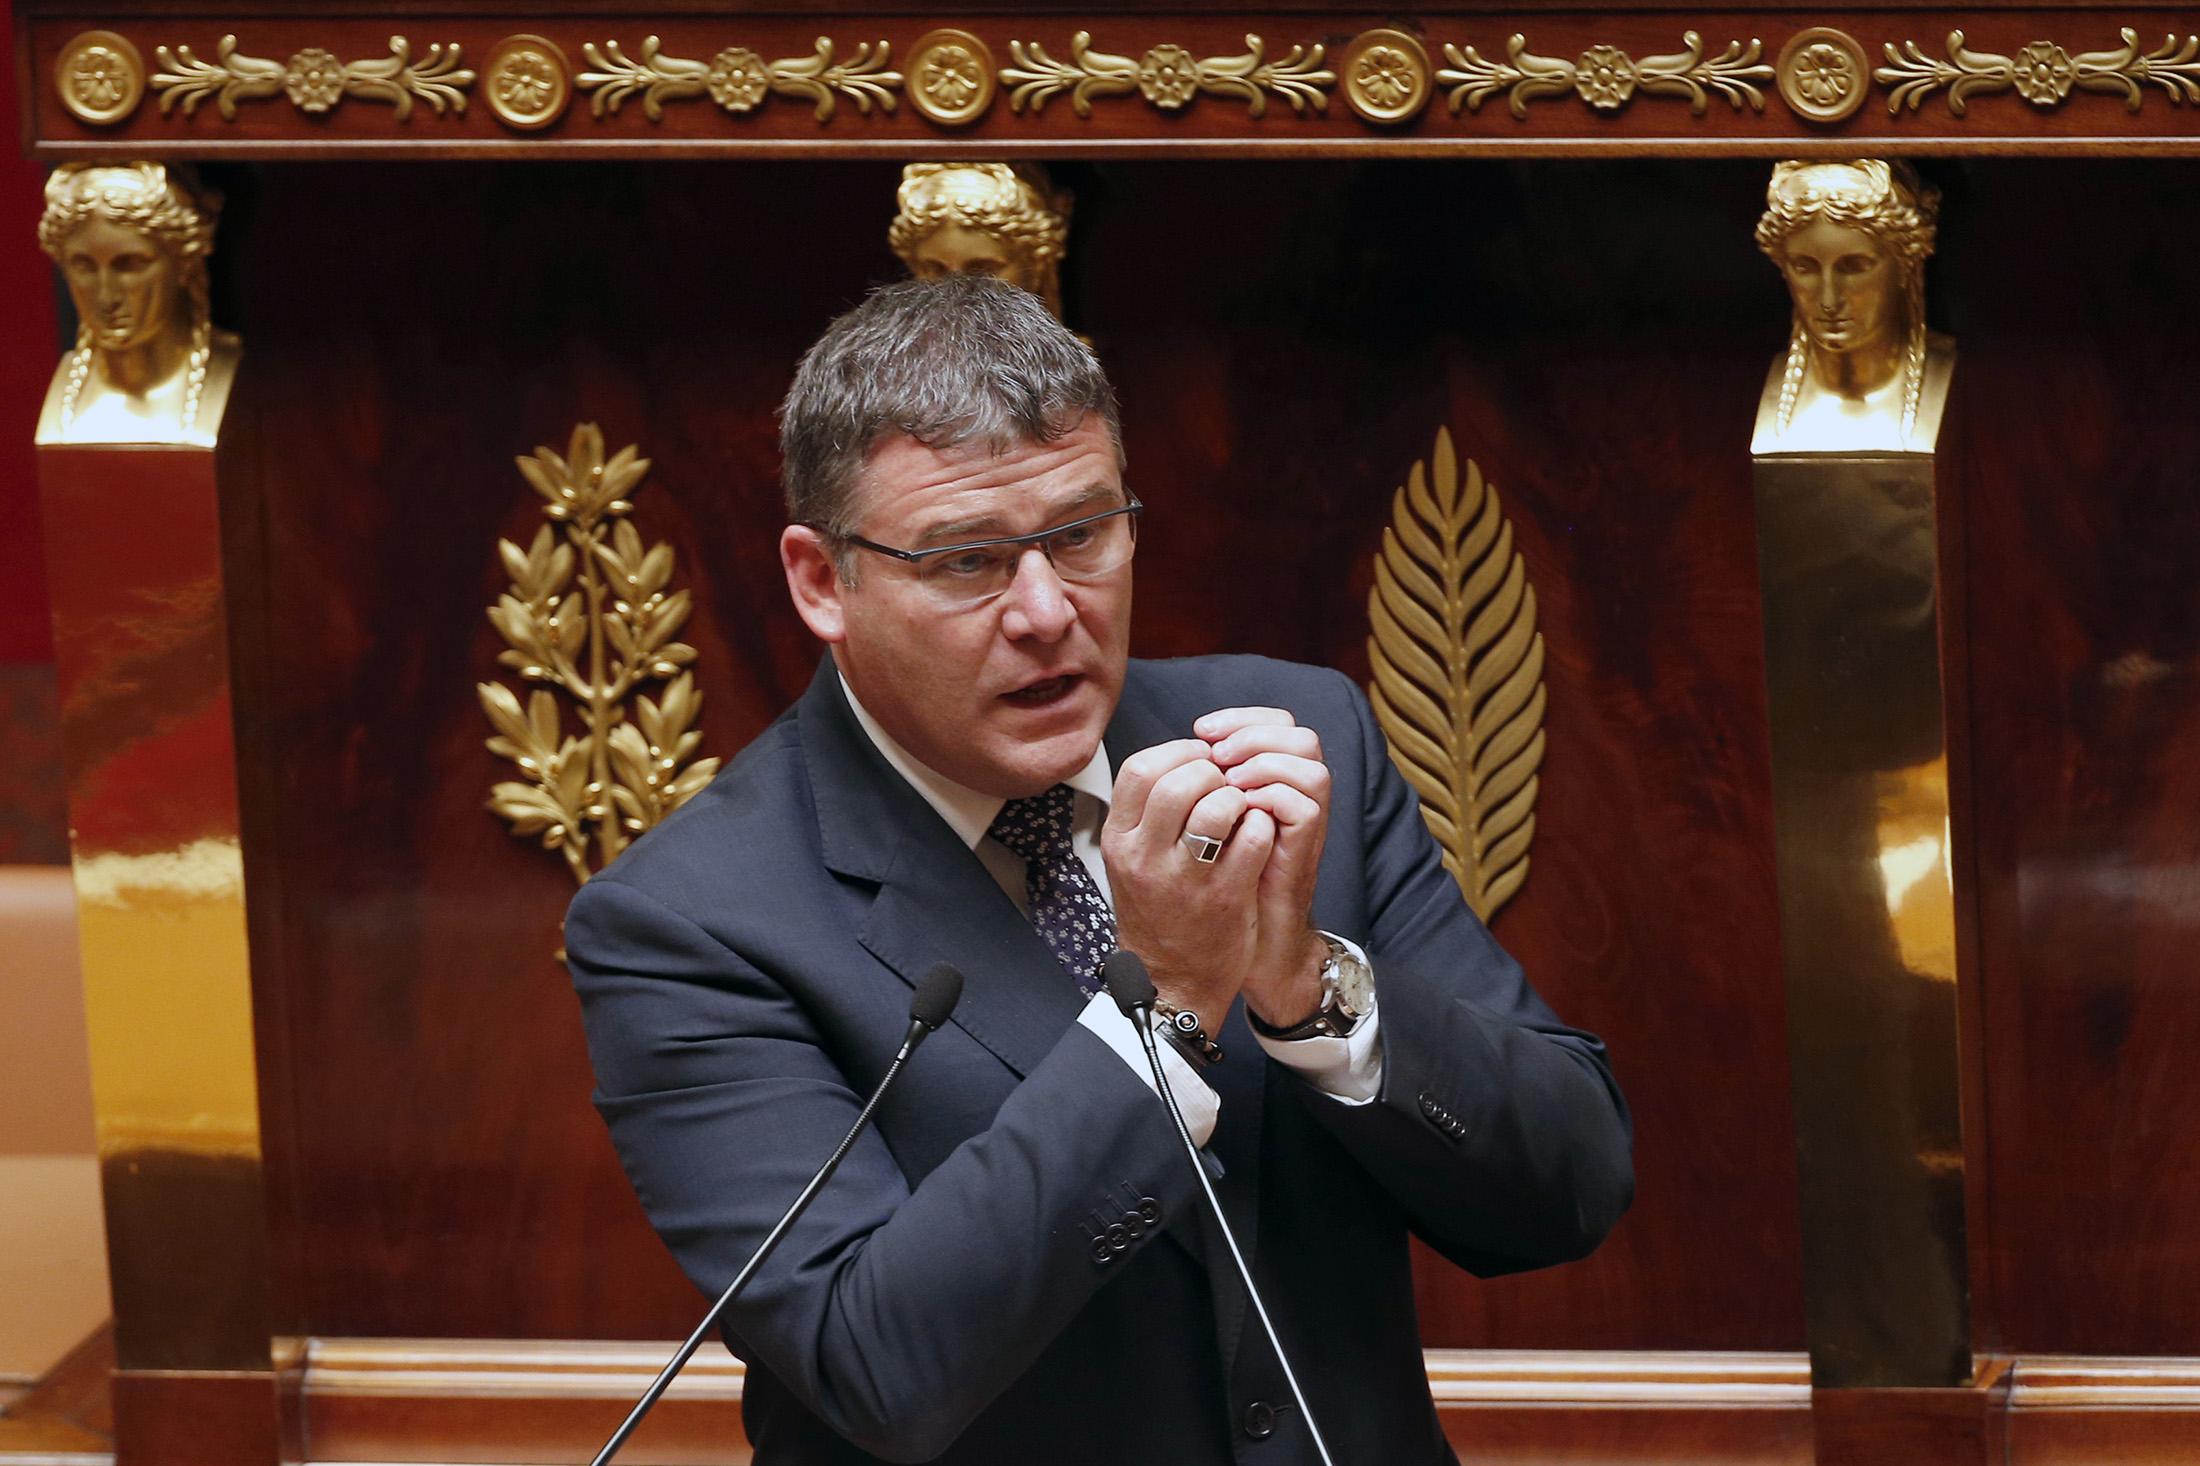 フランス政府が3DプリンティングとIoT技術に関する戦略を発表